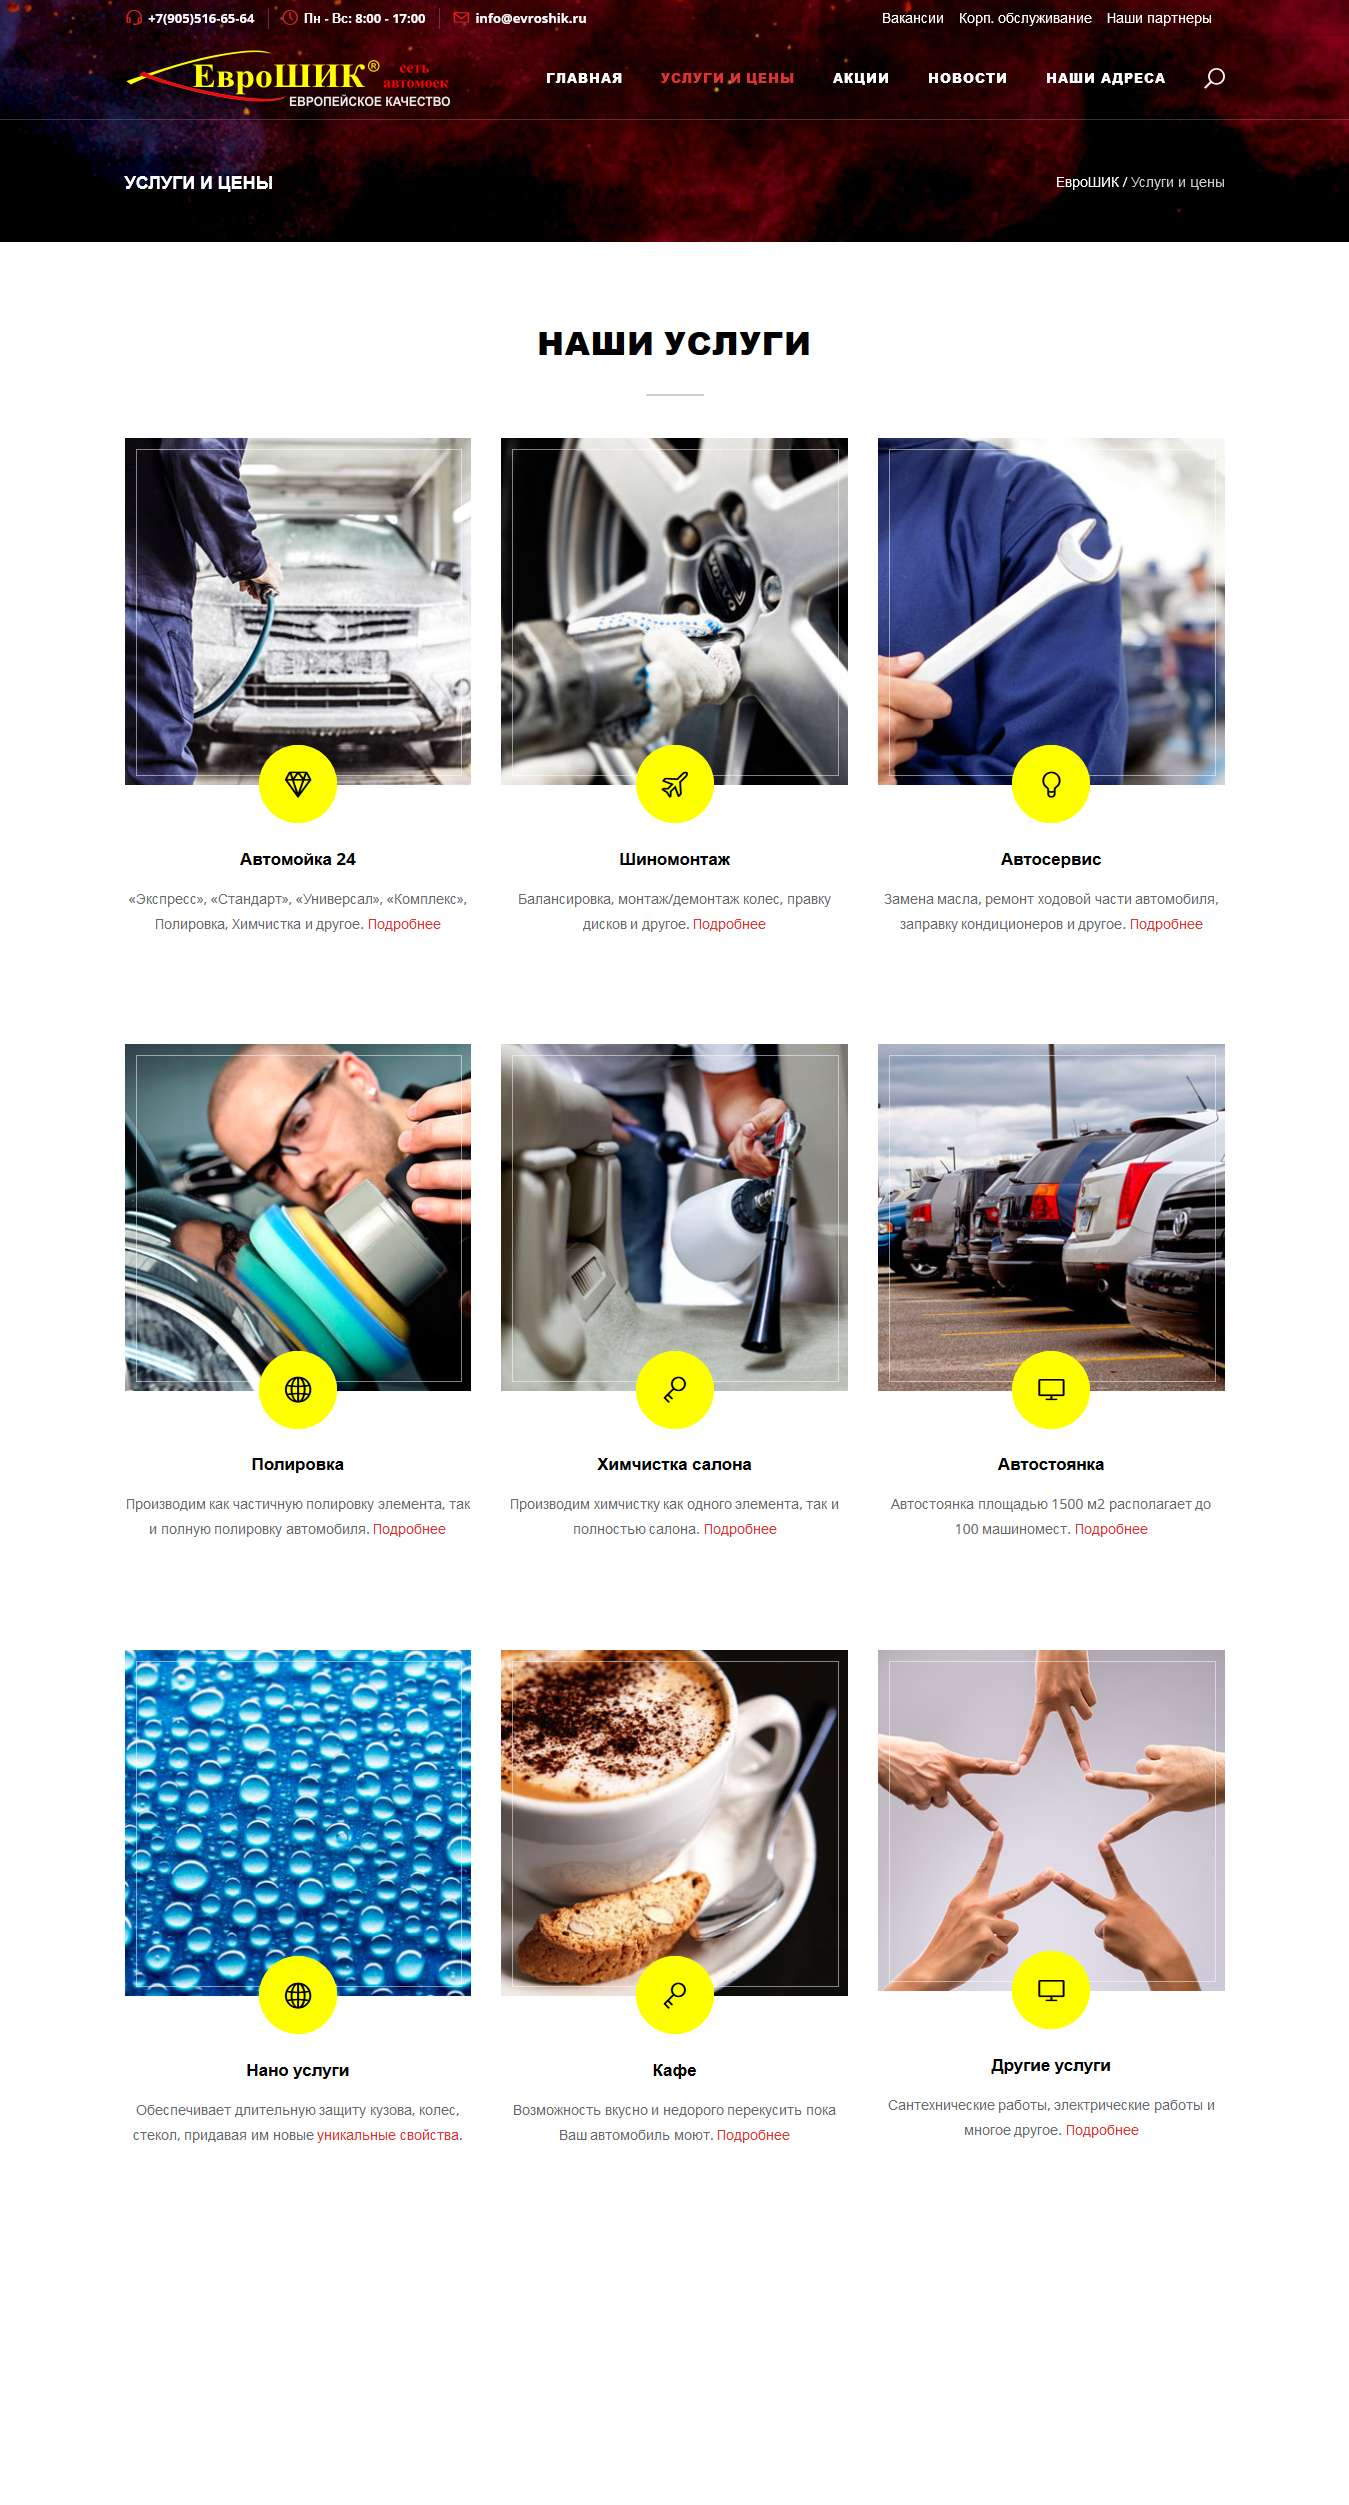 Пример сайта визитки - сеть автомоек - услуги